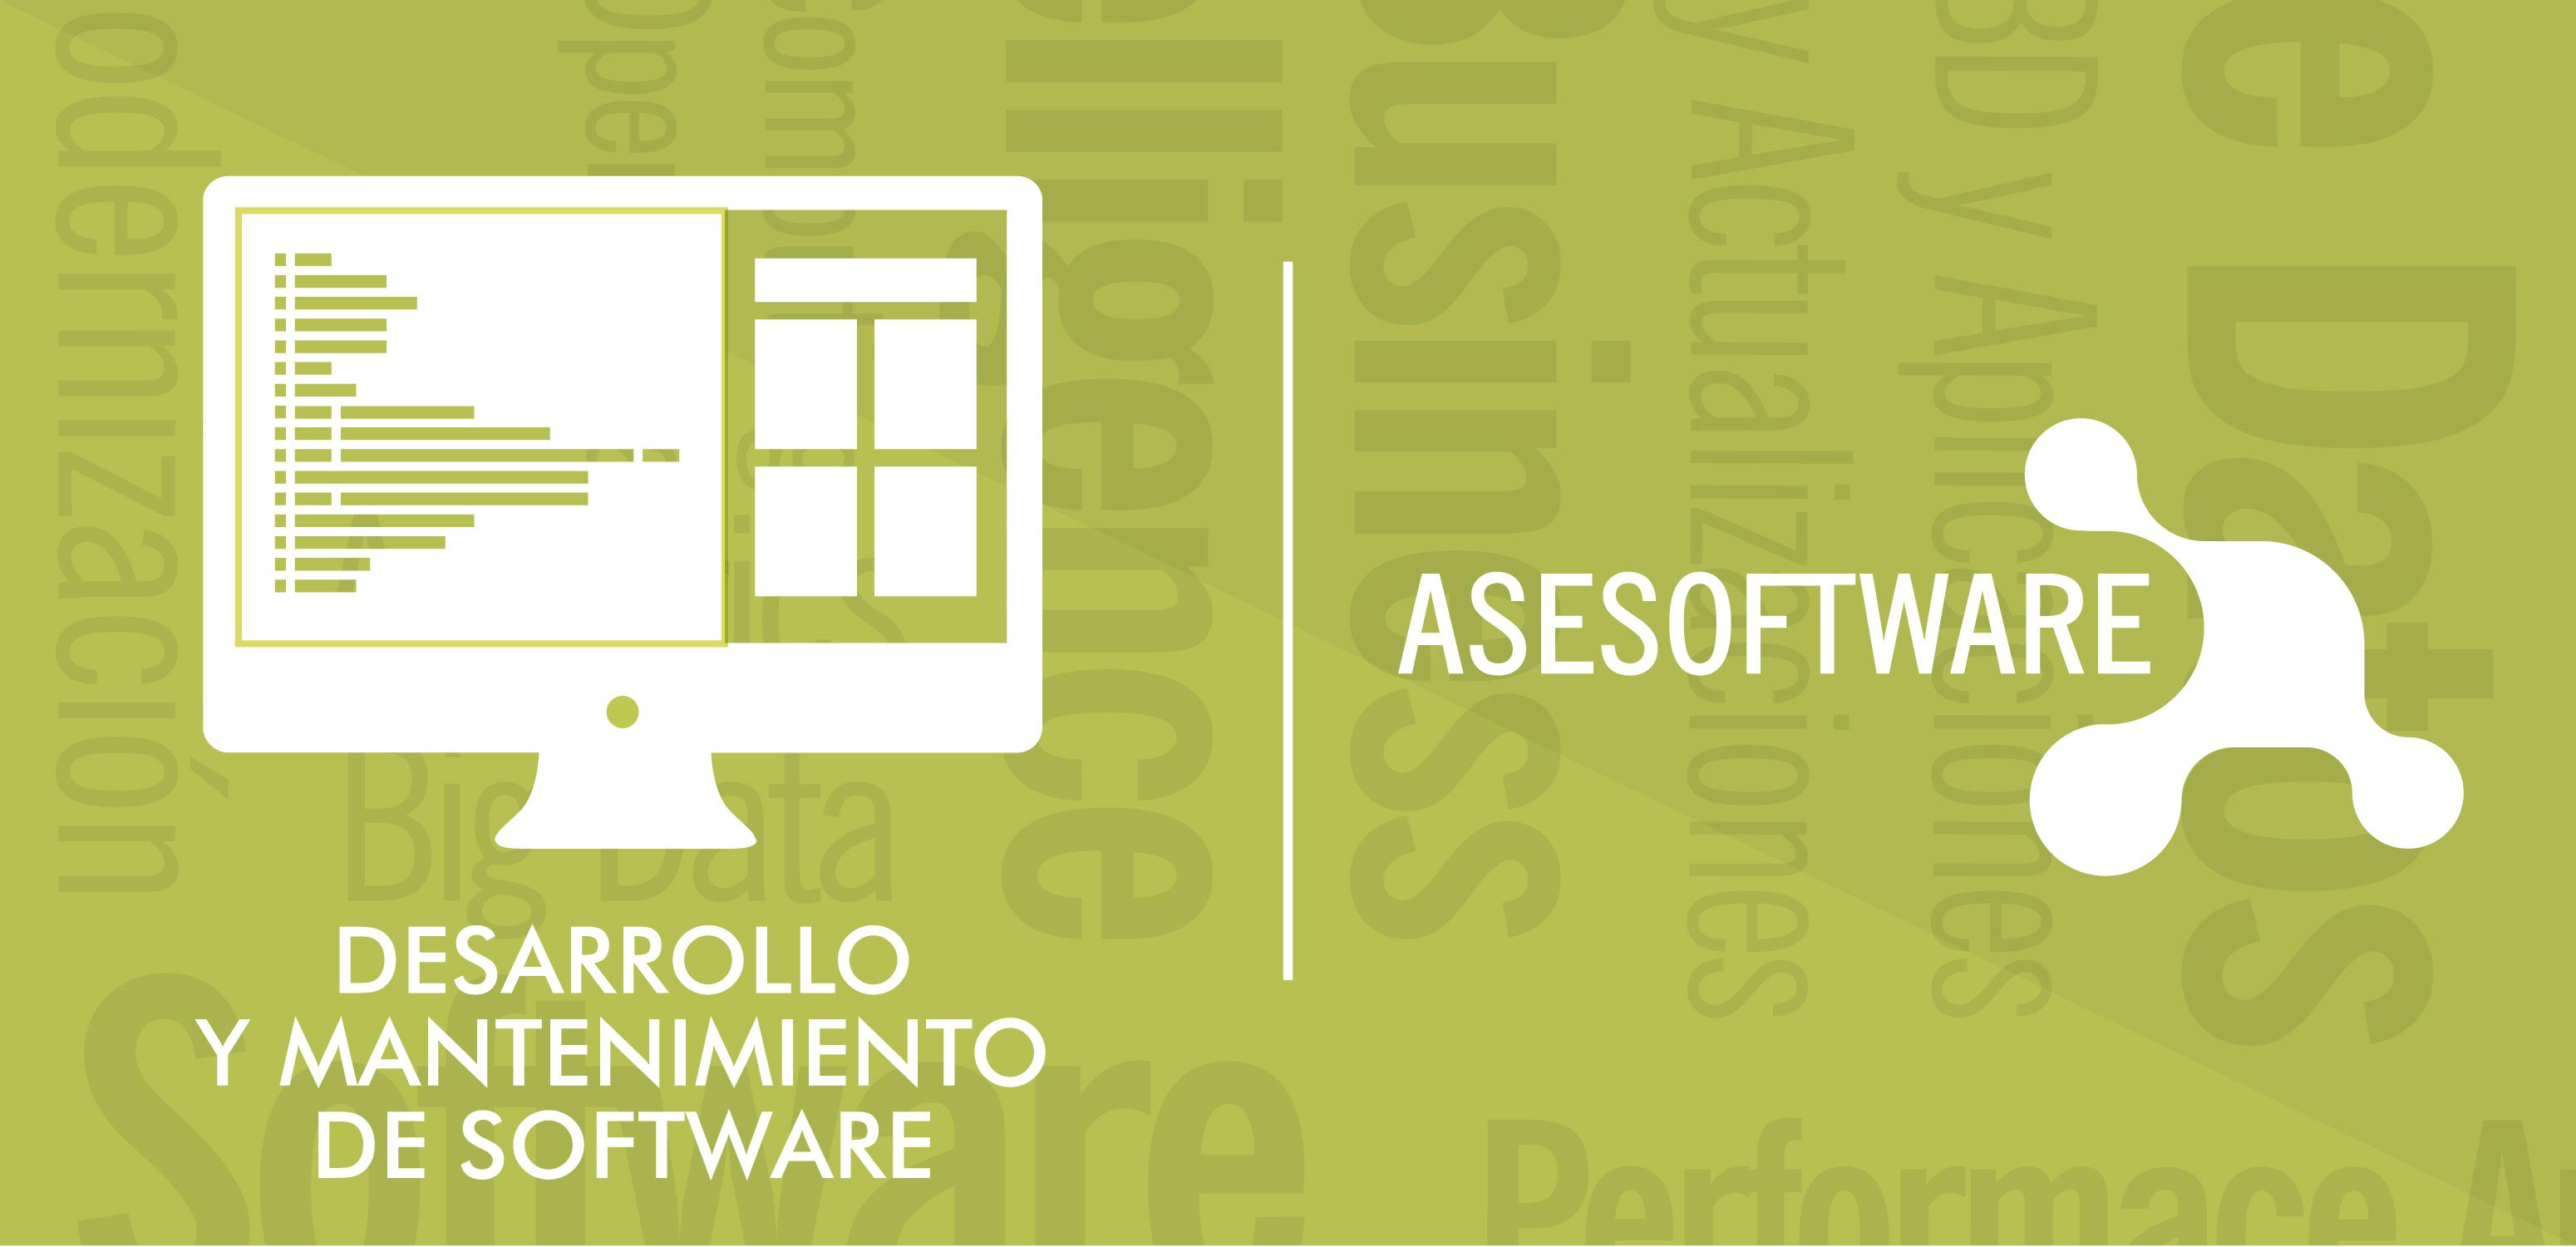 Desarrollo de Software a la Medida | ASESOFTWARE S.A.S.